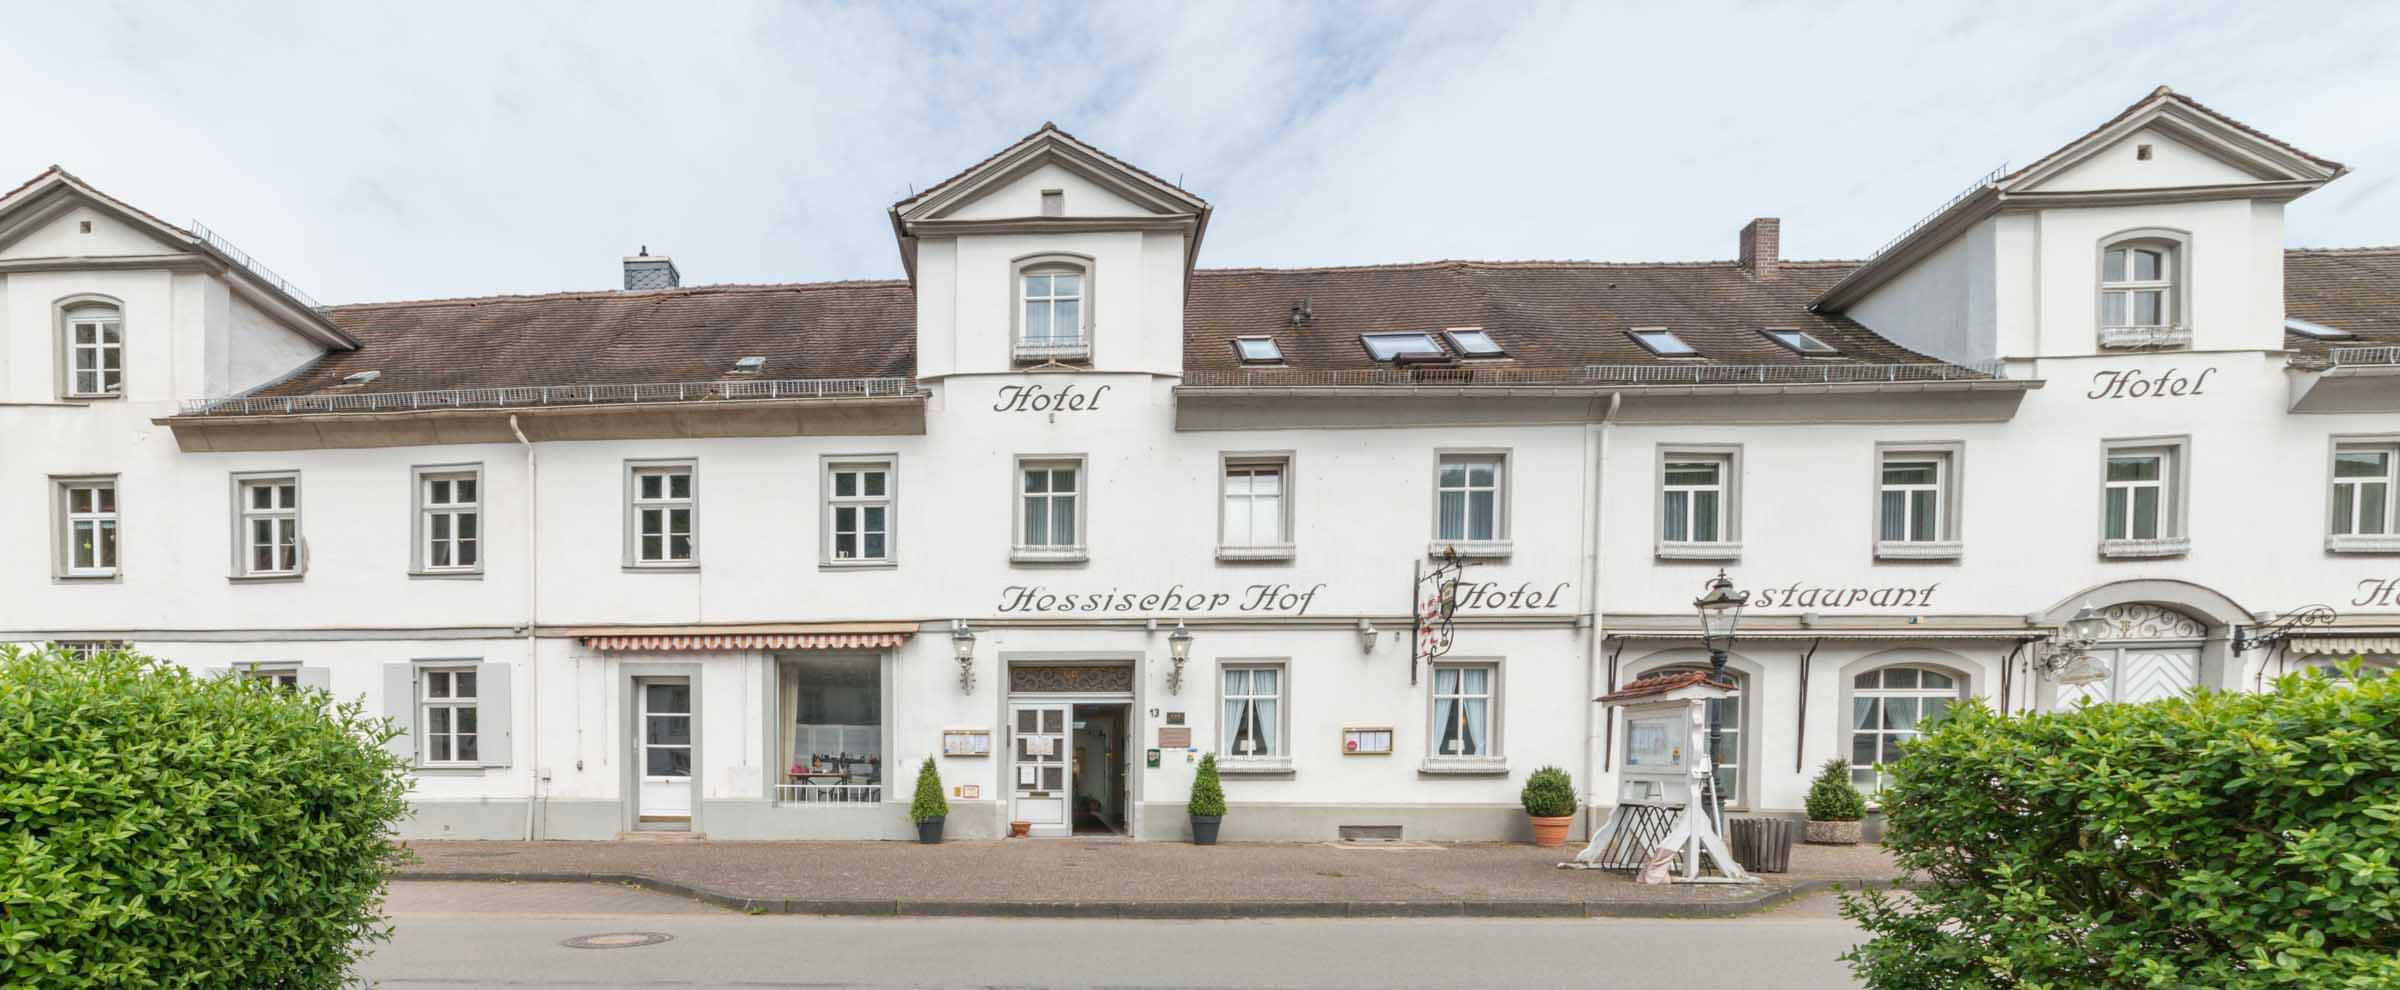 Hessischer Hof Bad Karlshafen